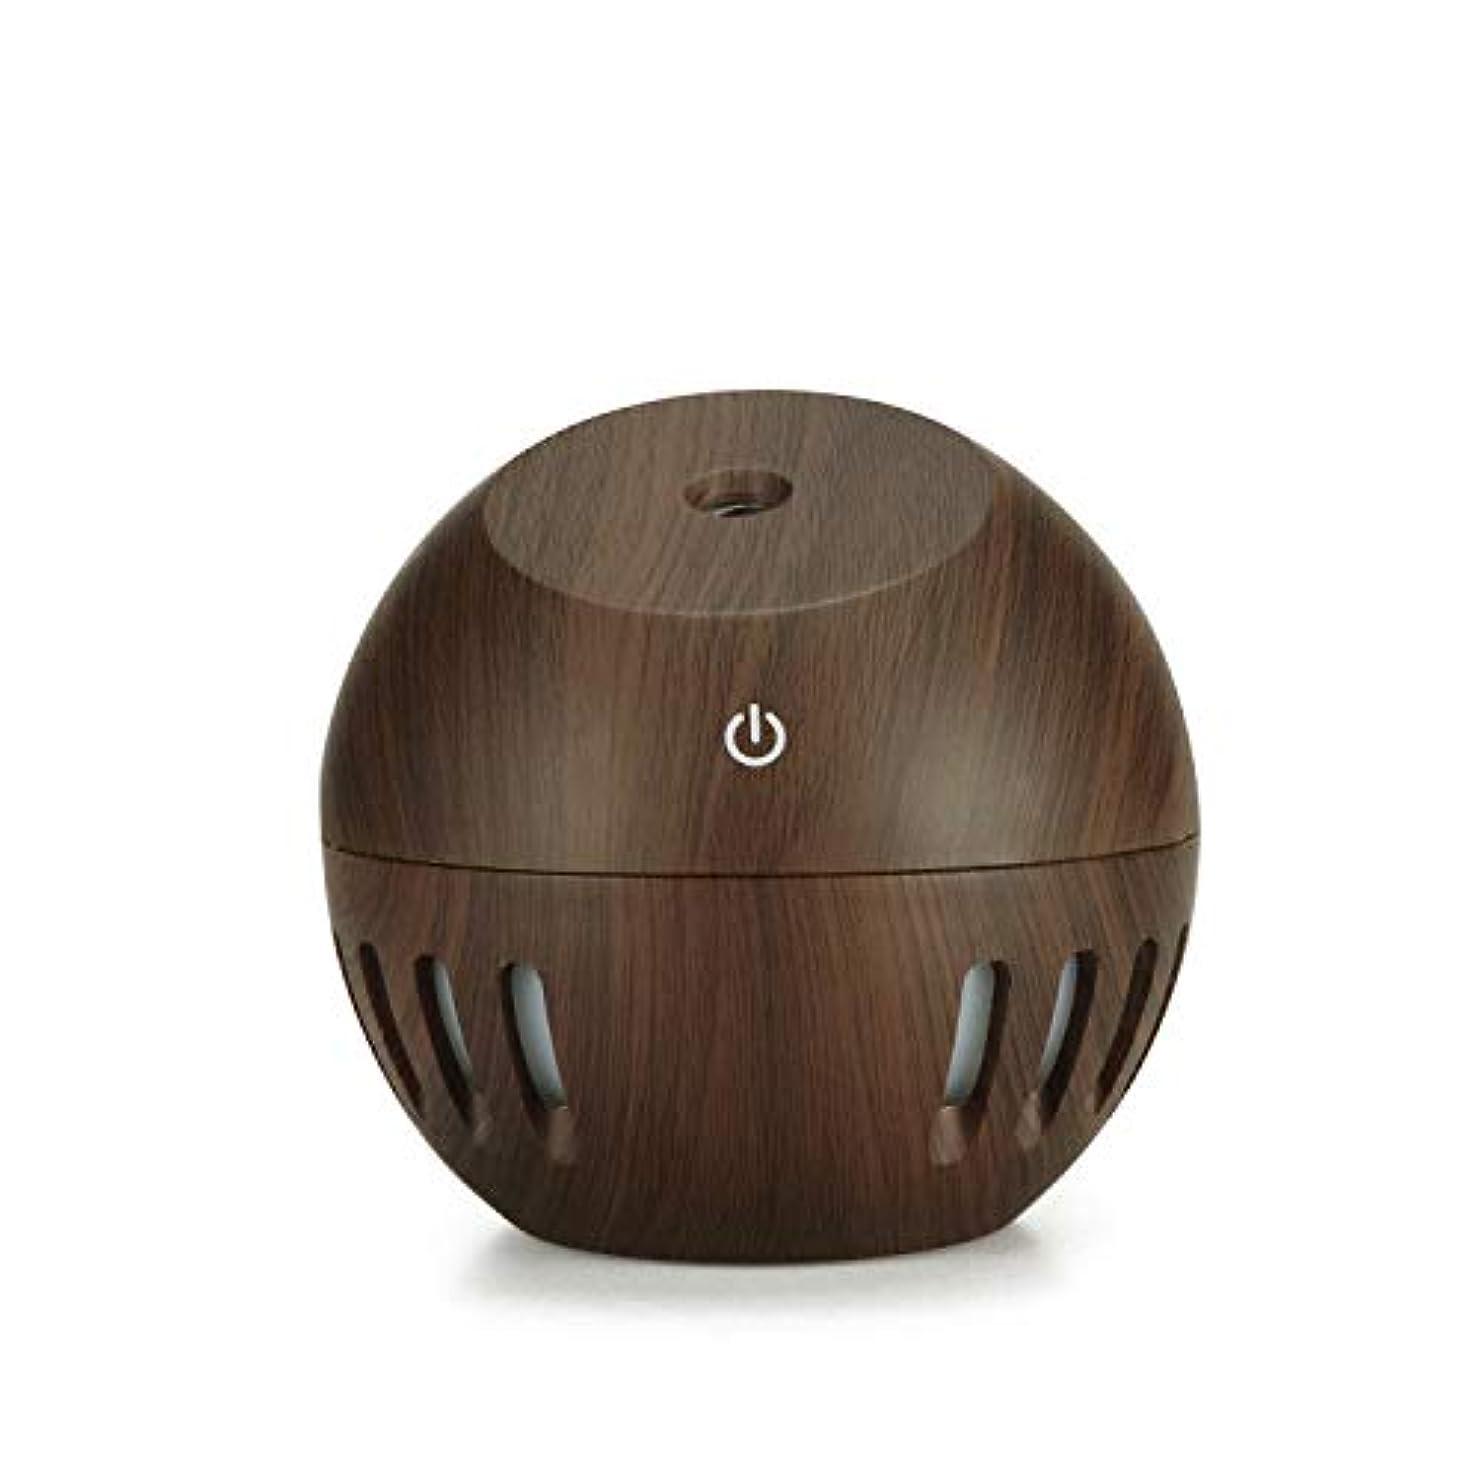 サイレント打倒サイクロプス130ml Essential Oils Diffuser Electric Cool Mist Aroma Diffuser For Home, Yoga, Bedroom